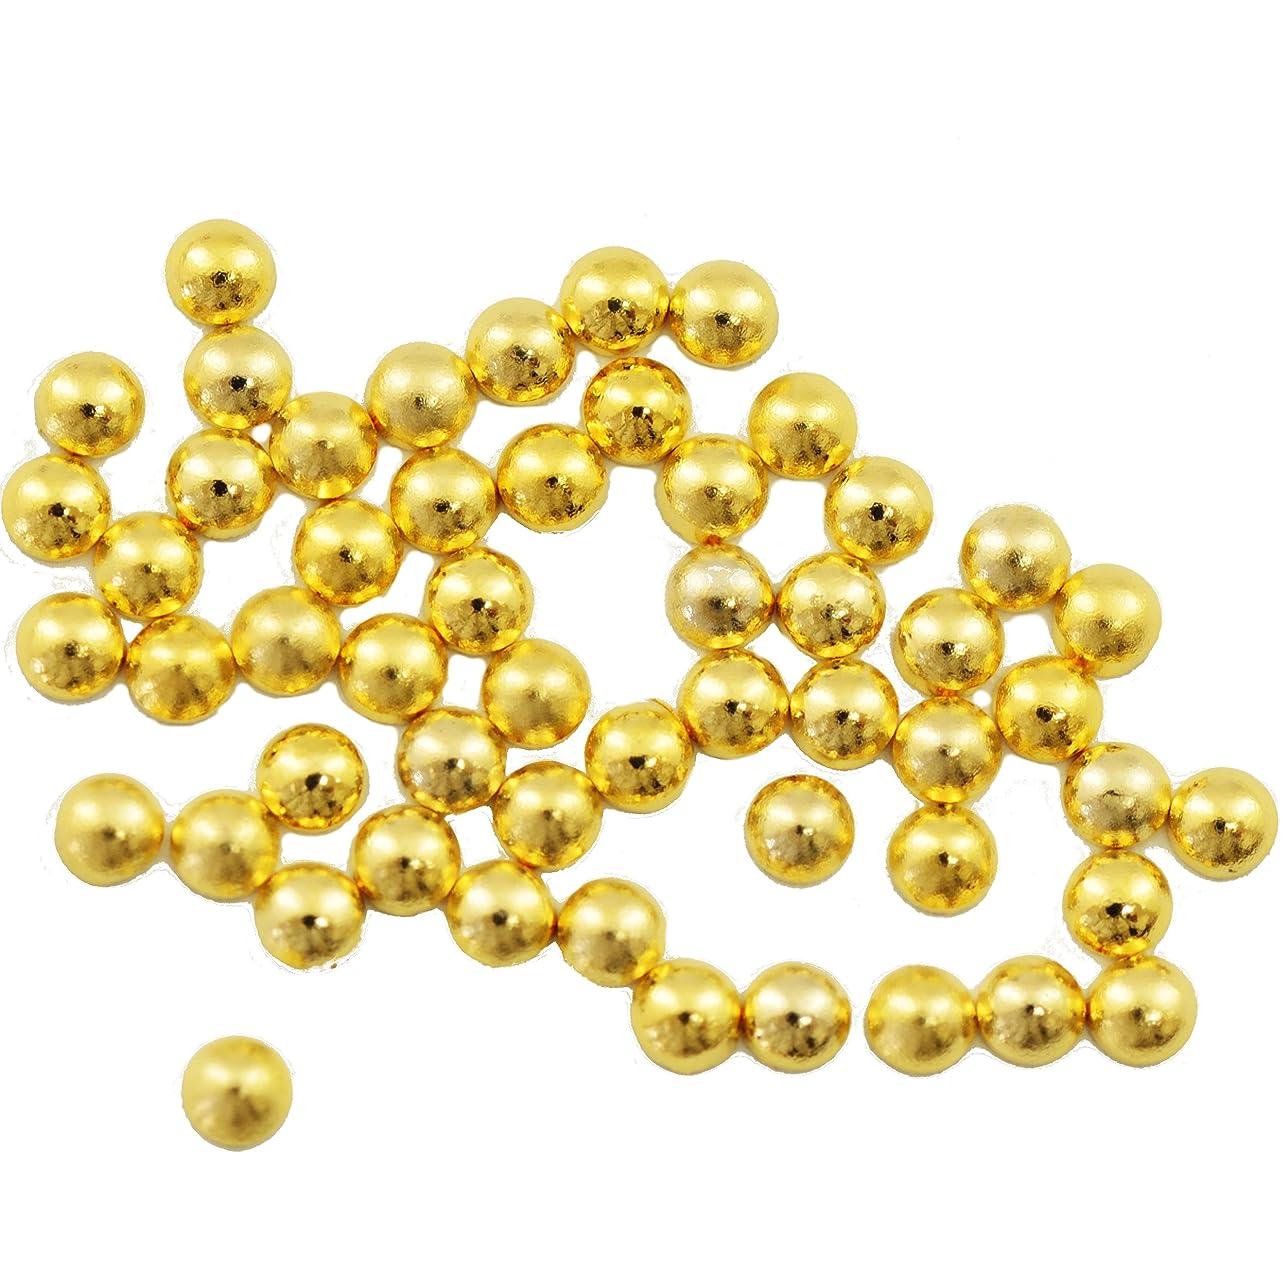 ドールしばしば百科事典Buddy Style 丸 スタッズ メタルパーツ ネイルパーツ デコパーツ ゴールド2mm 50個入り